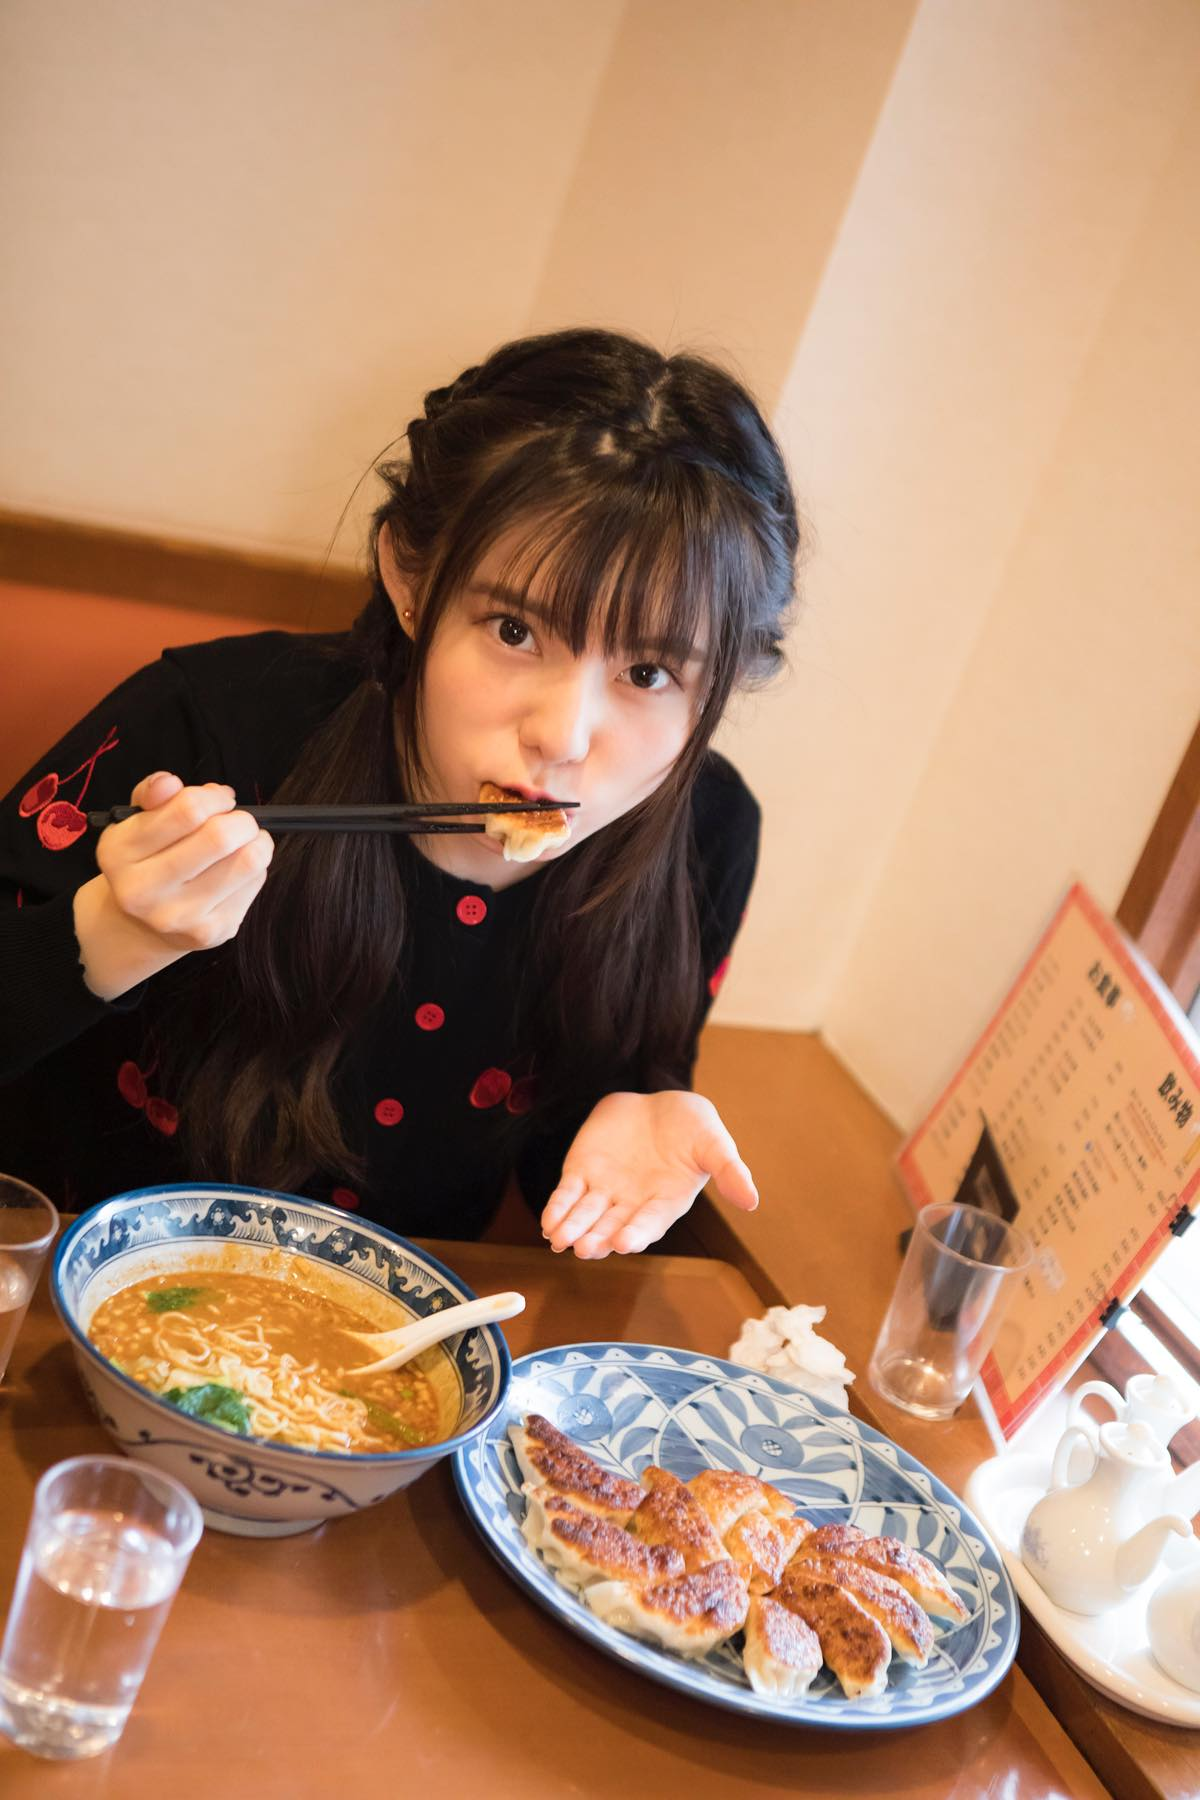 大森莉緒ラストアイドルLoveCocchiの画像36